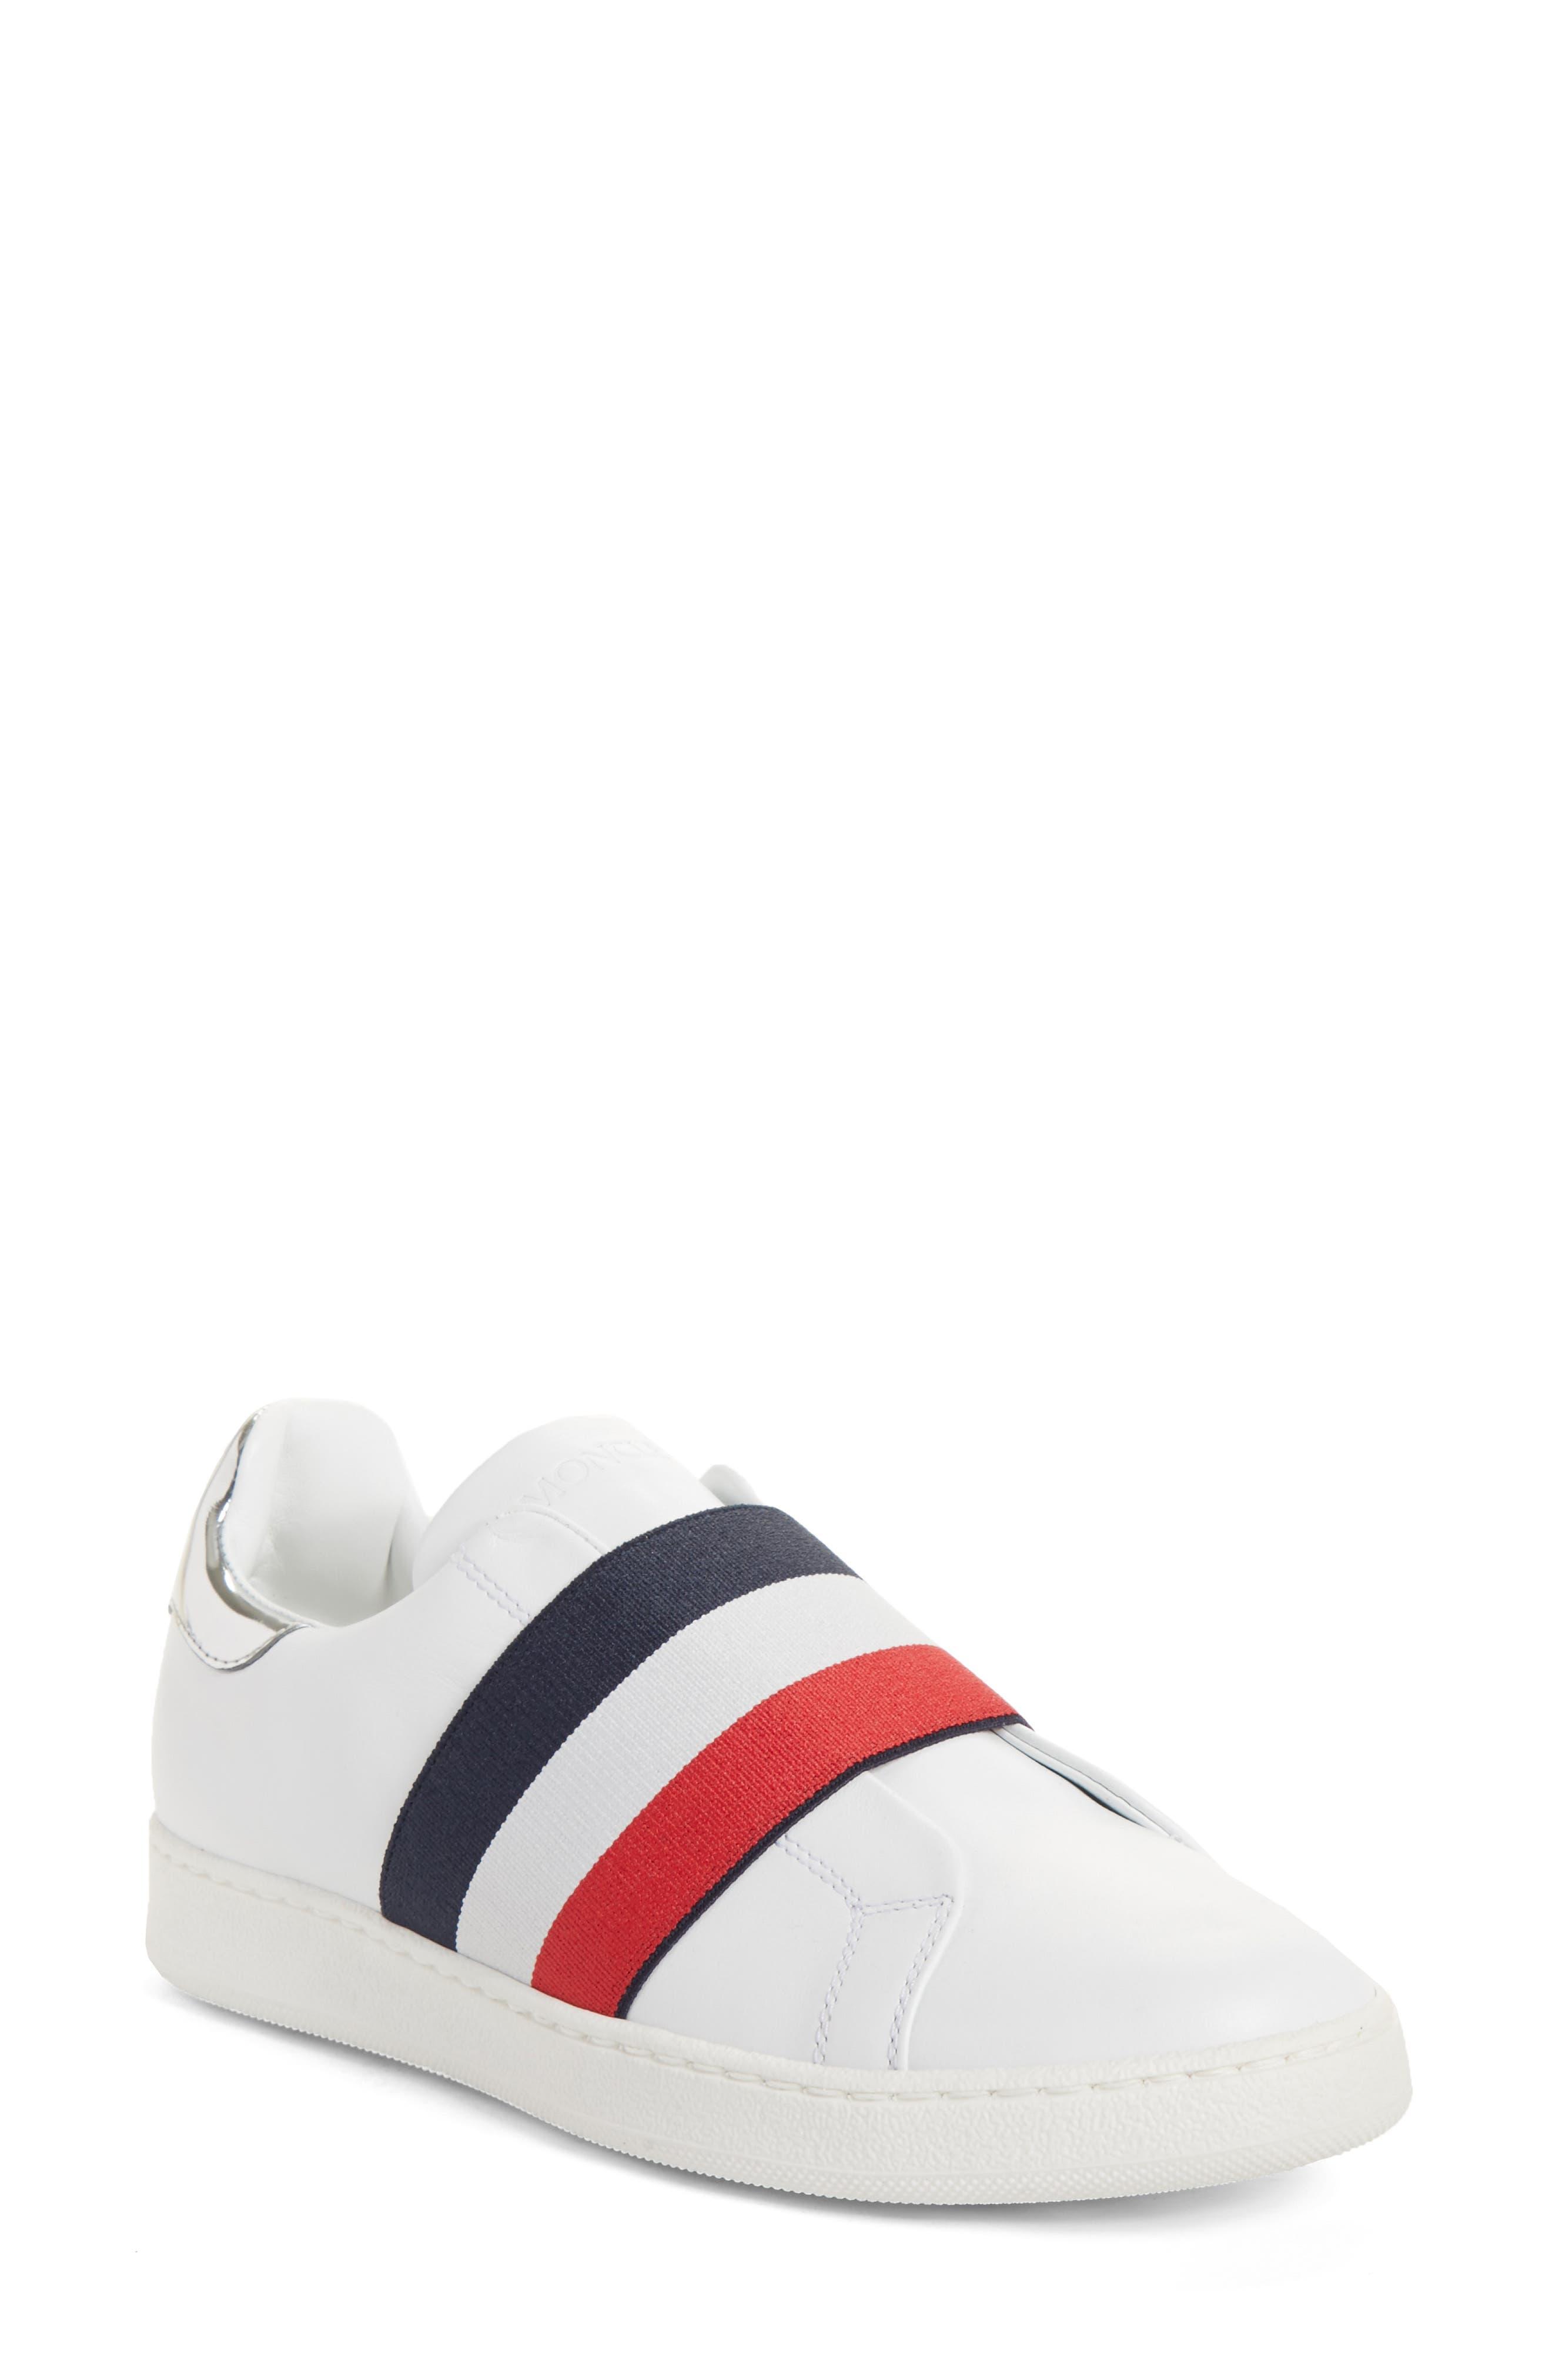 Moncler Alizee Low Top Sneaker (Women)